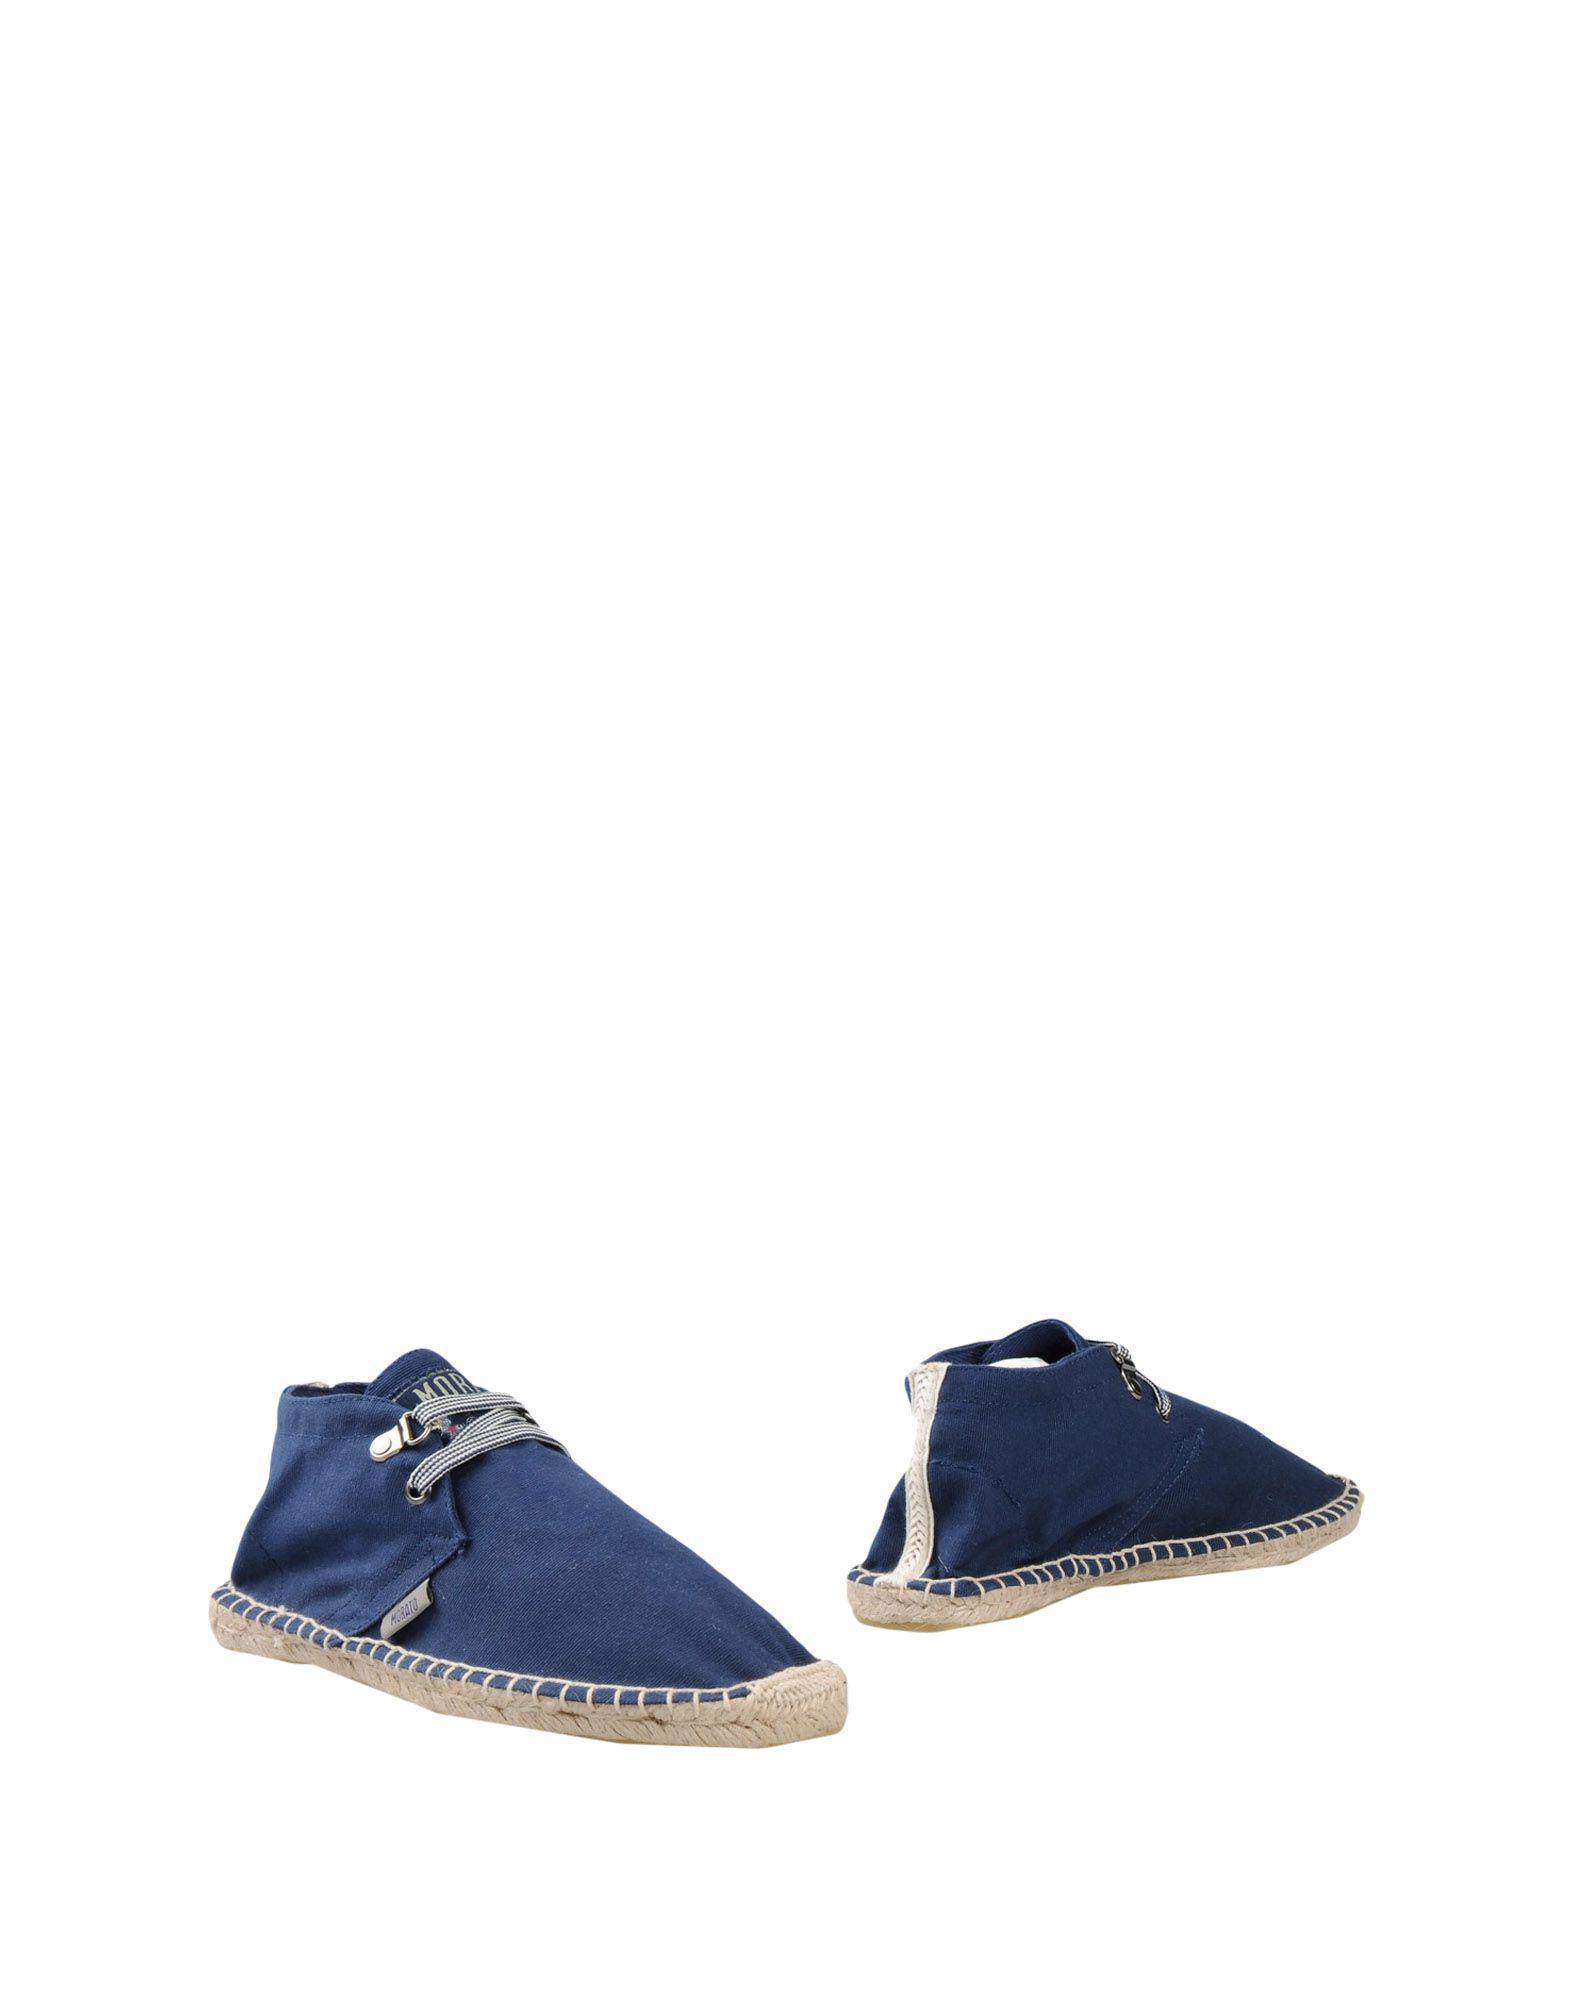 031ee474460c4 Lyst - Botines de caña alta Antony Morato de hombre de color Azul